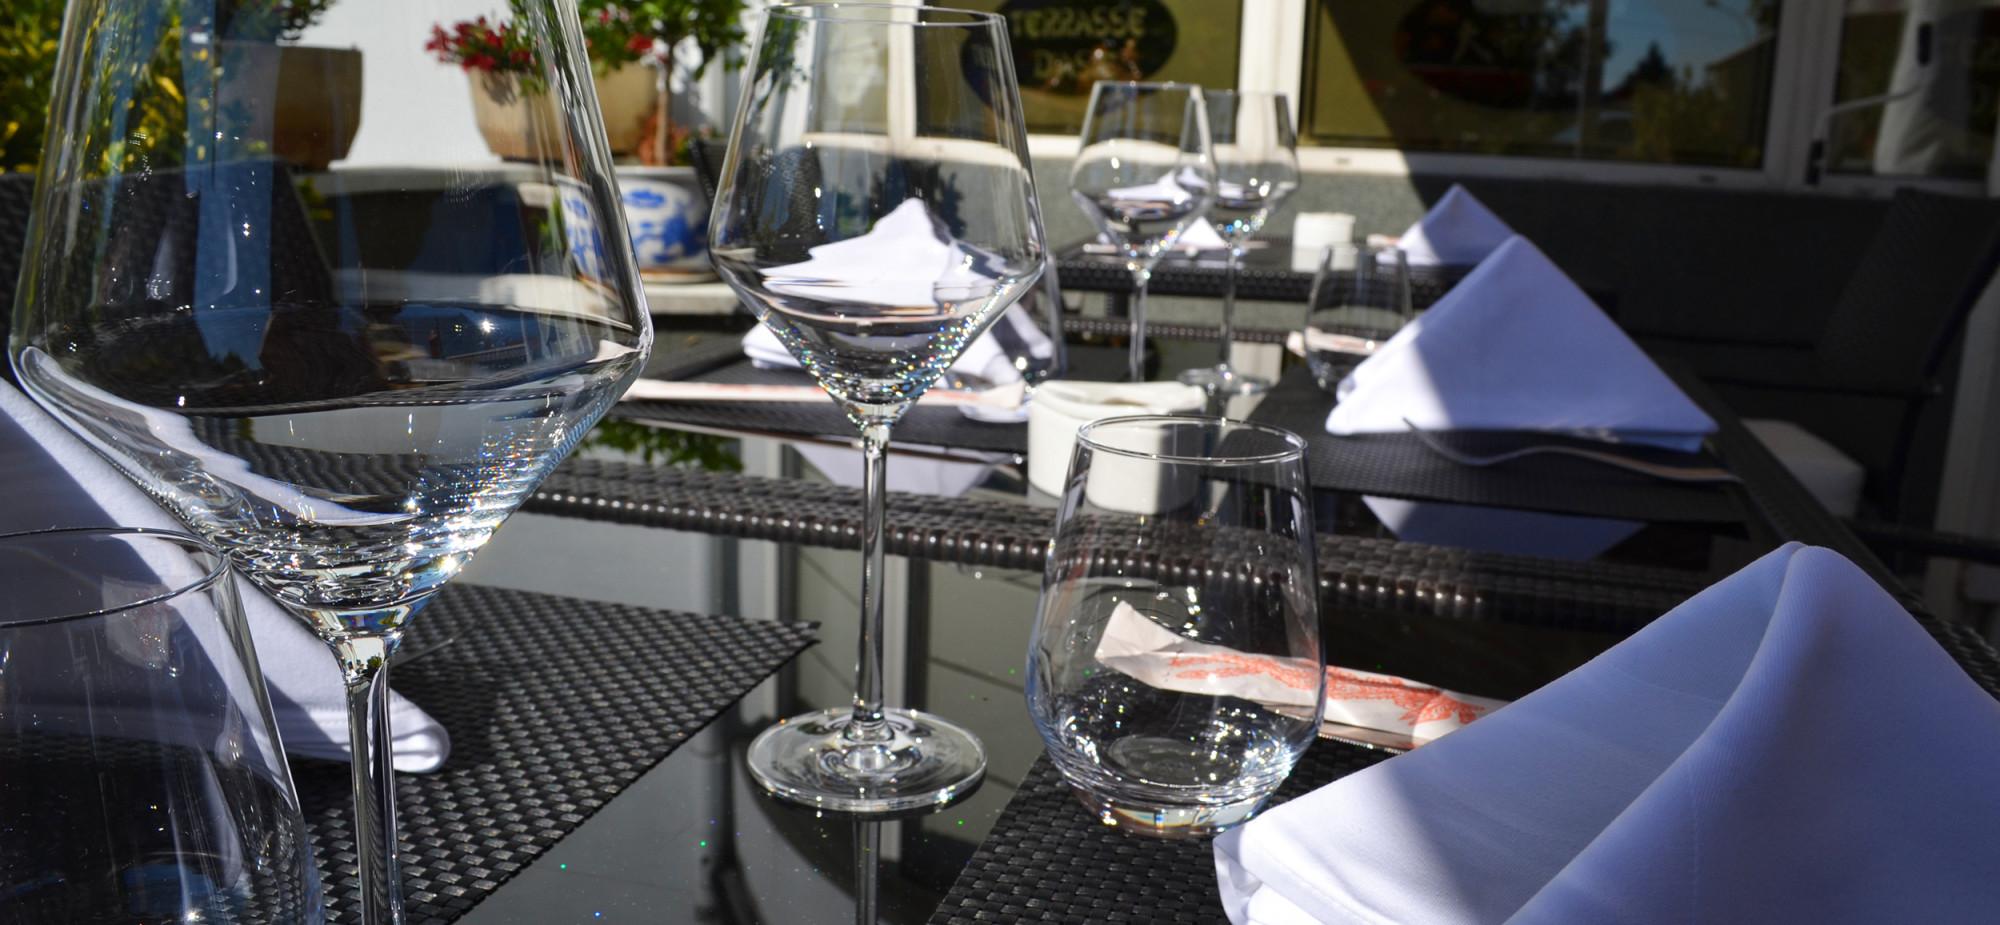 Restaurant chinois et thai à Mulhouse pfastatt